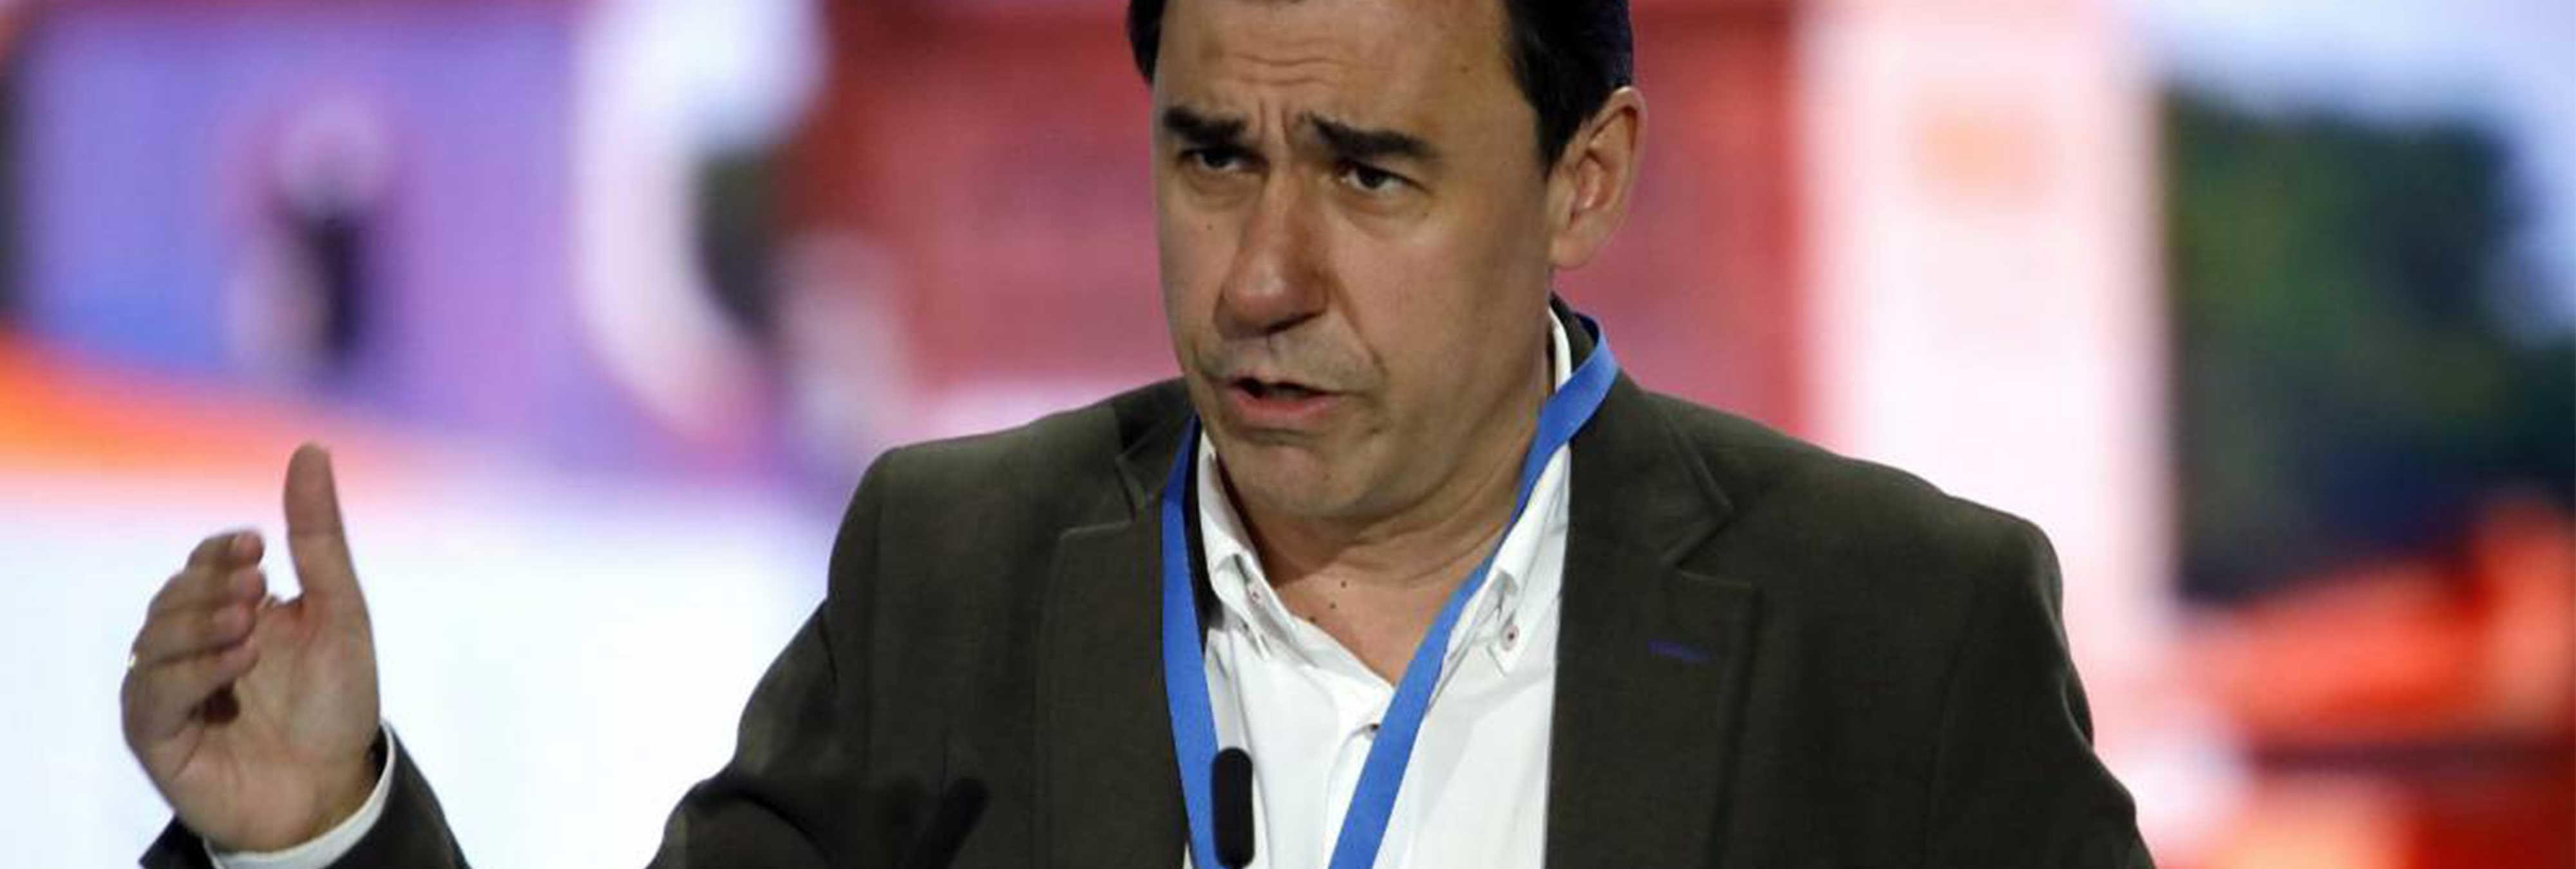 """El portavoz de PP pide que saquen """"cuanto antes"""" los restos de Franco"""